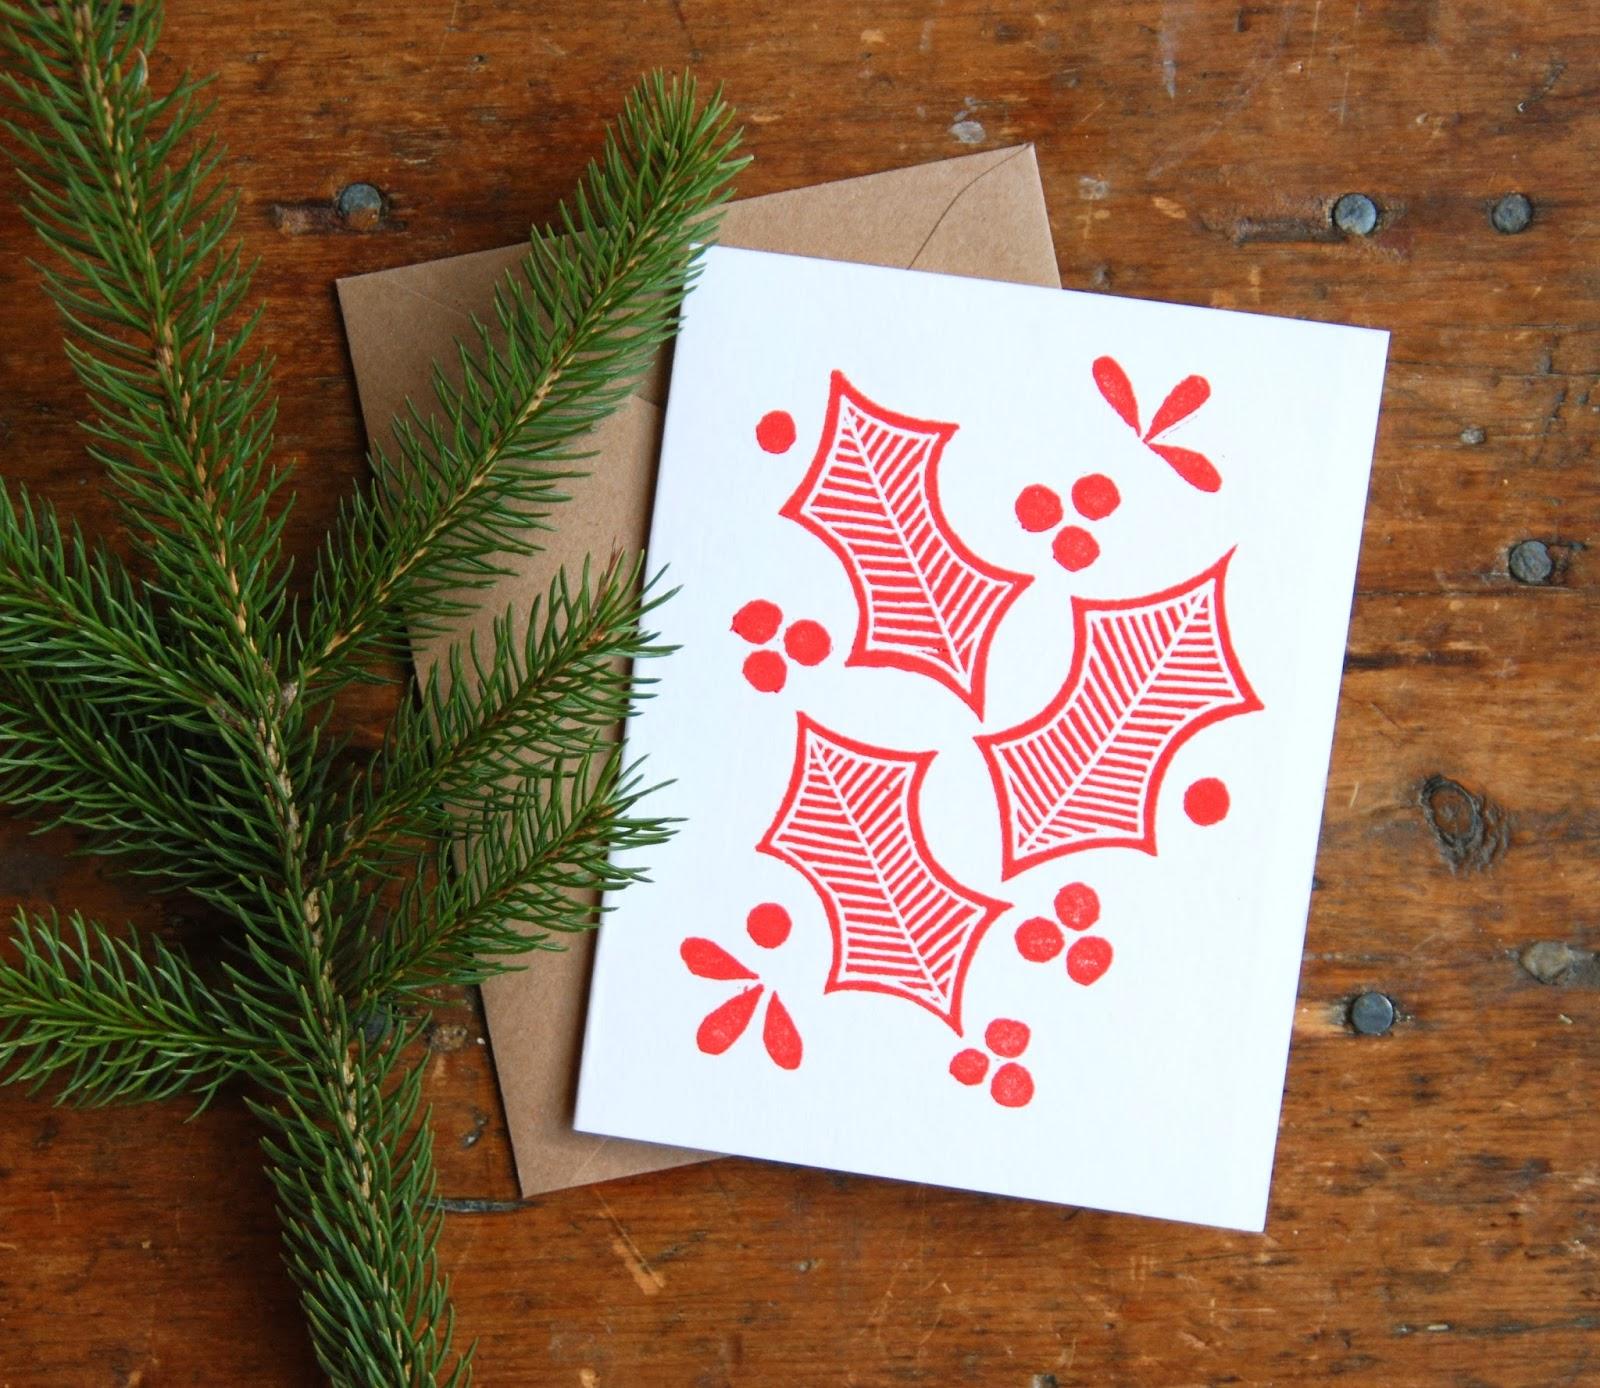 katharine watson new block printed holiday cards